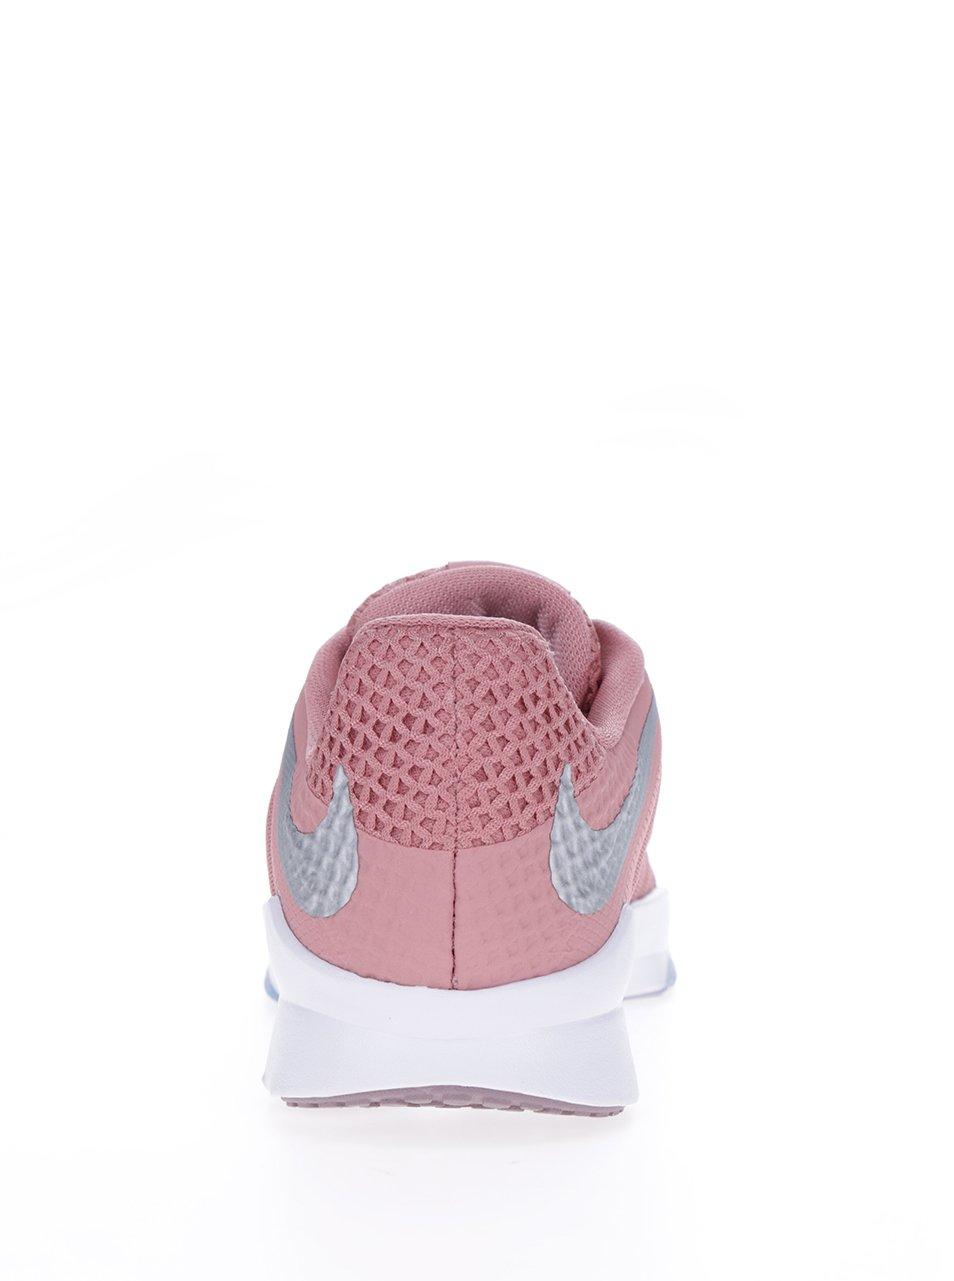 Starorůžové dámské tenisky Nike Air Zoom Condition - eleganter.cz 7903223111